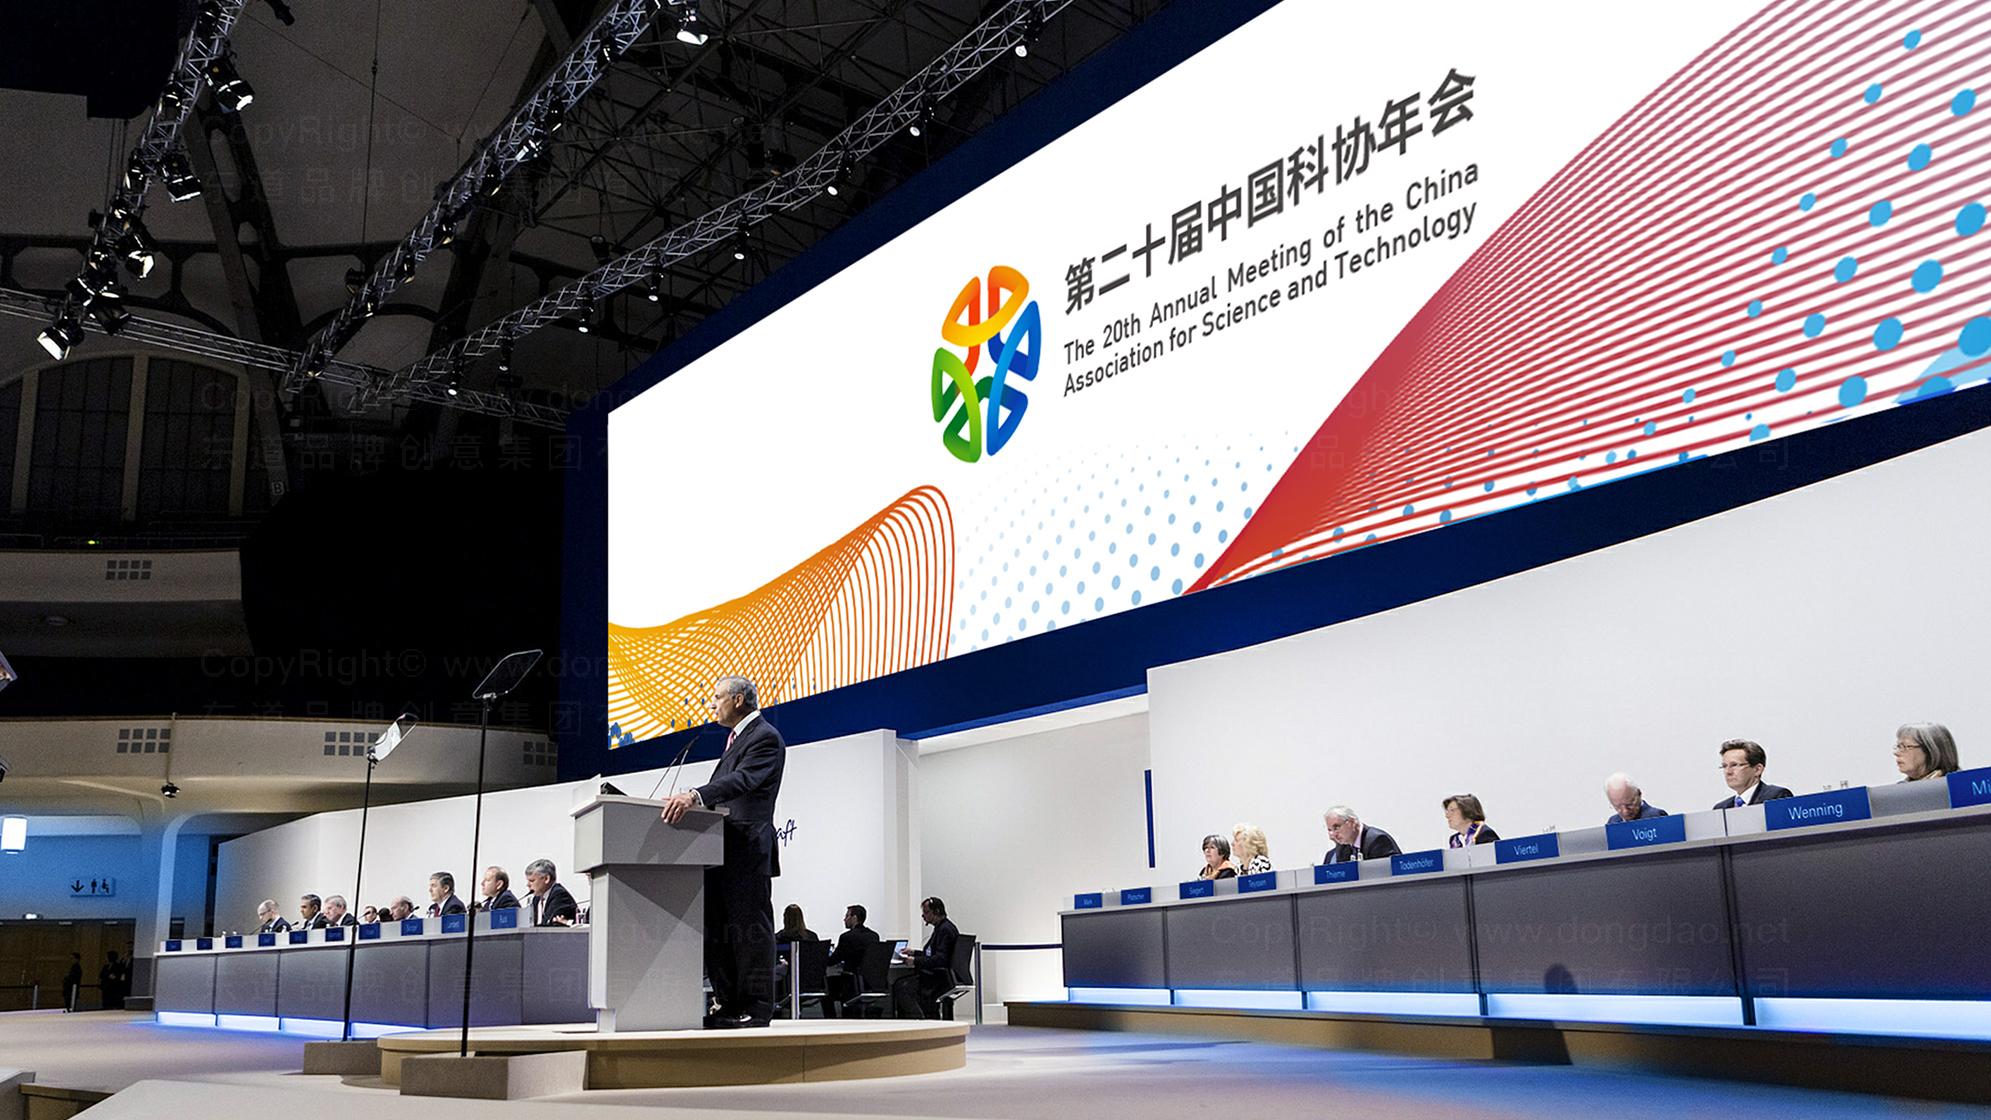 品牌设计中国科协年会LOGO设计应用场景_3